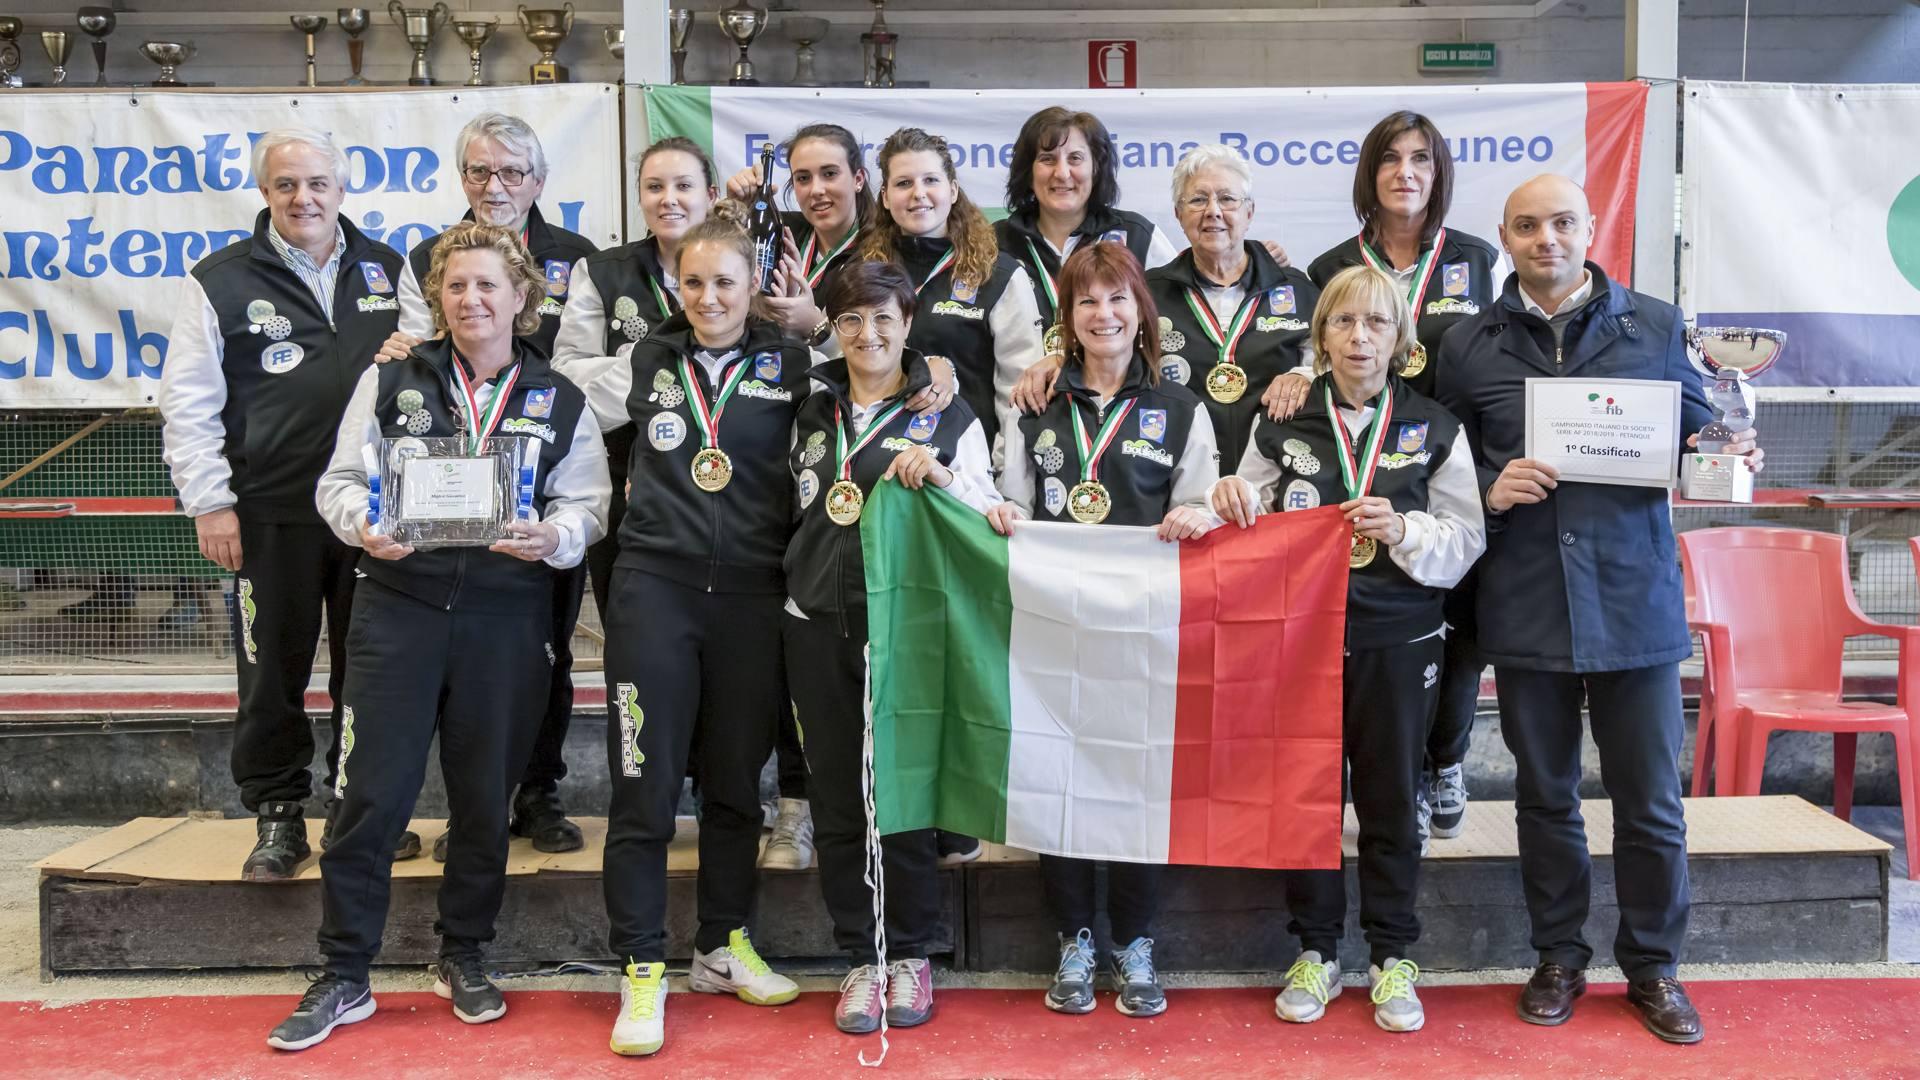 Le campionesse della San Giacomo festeggiano il tricolore con i dirigenti